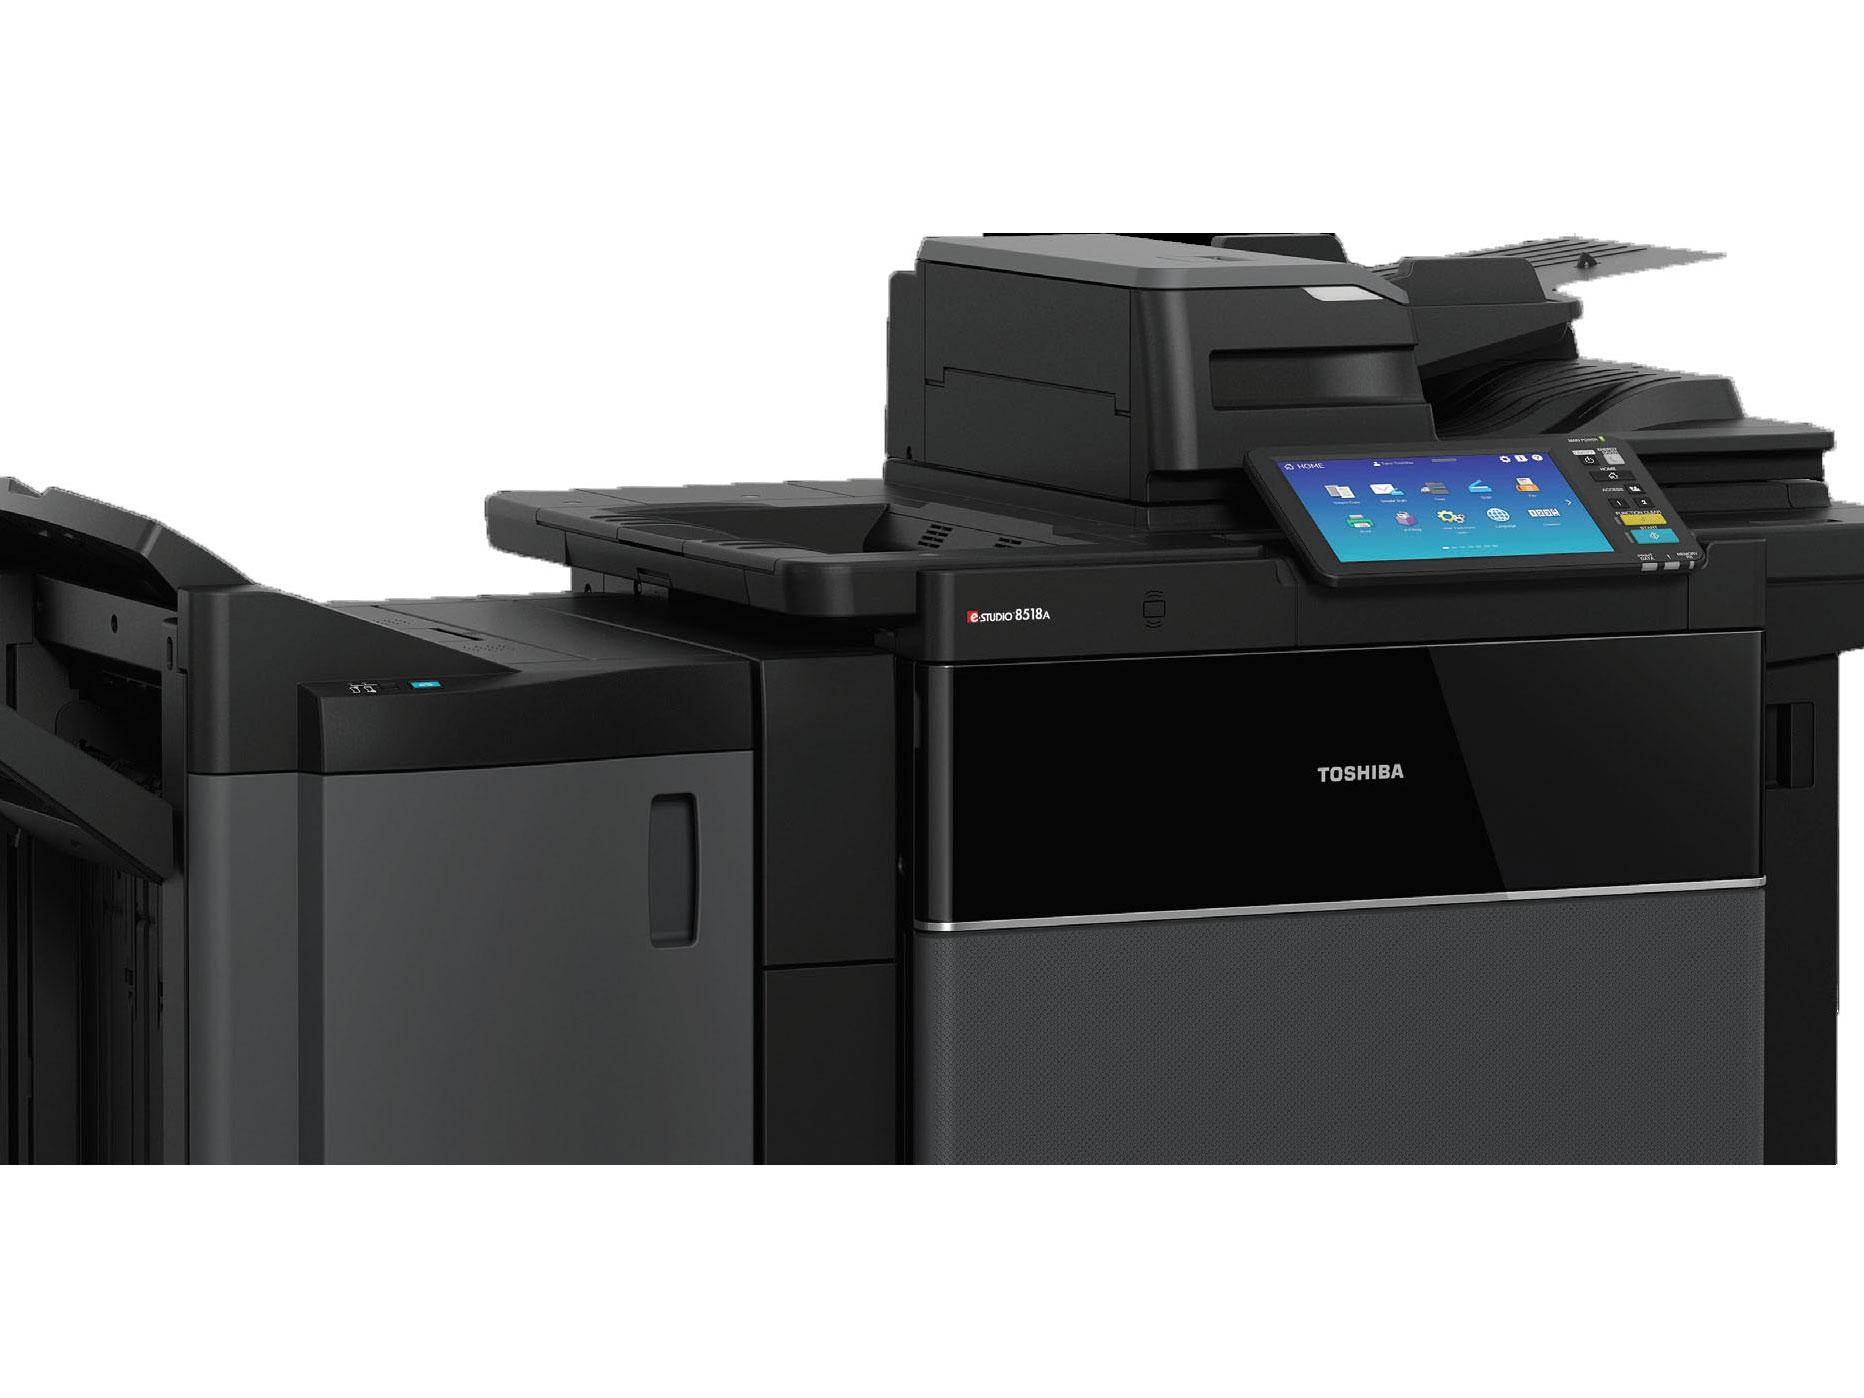 Fotocopiadora e-STUDIO 5518A usada